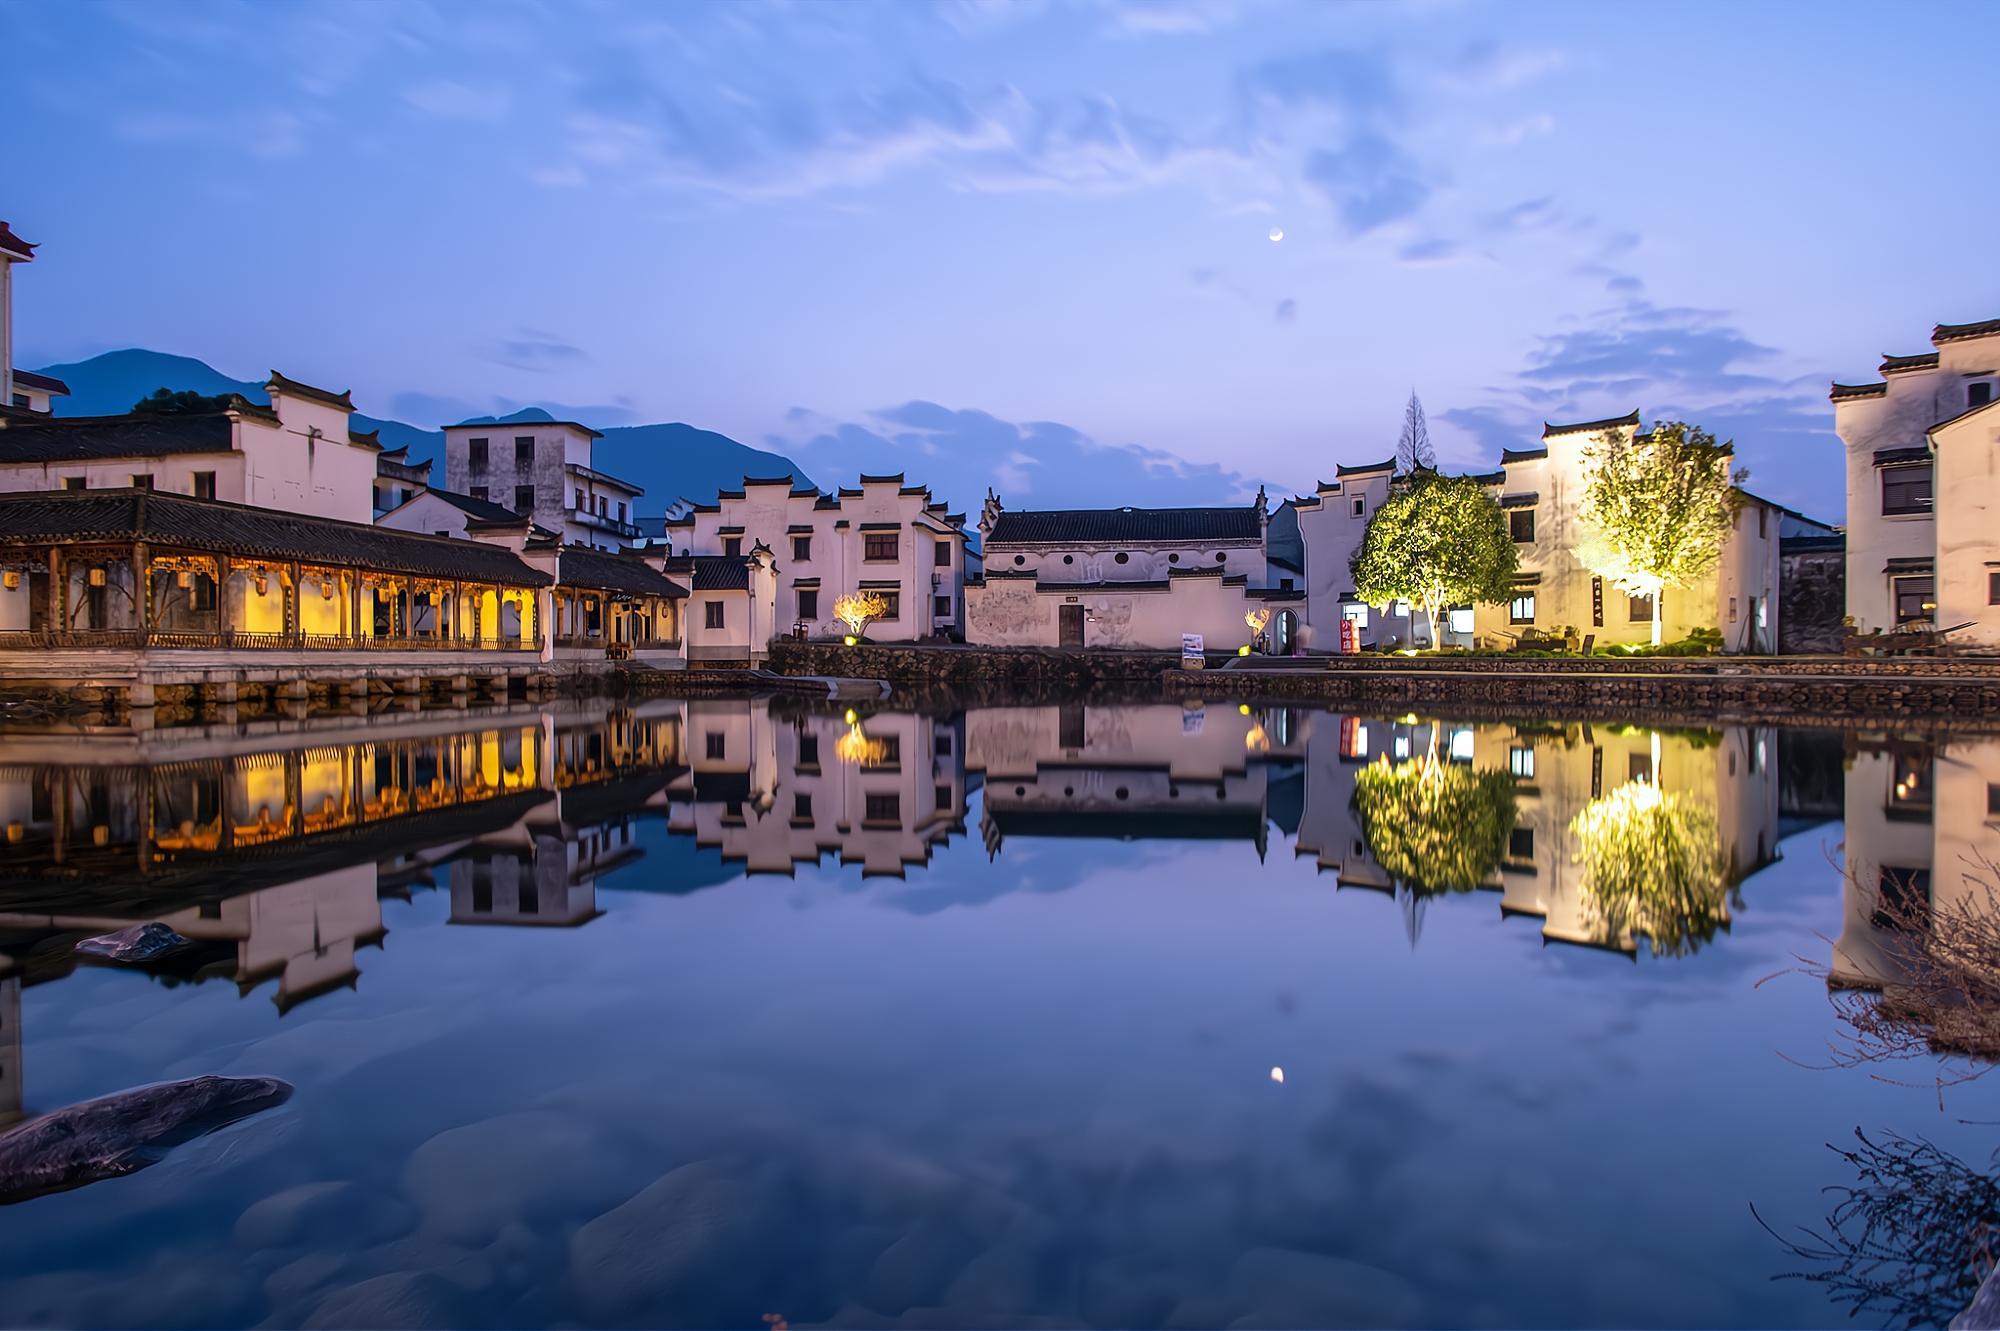 杭州龙门古镇,东吴大帝孙权后裔的聚居地,至今1700多年历史